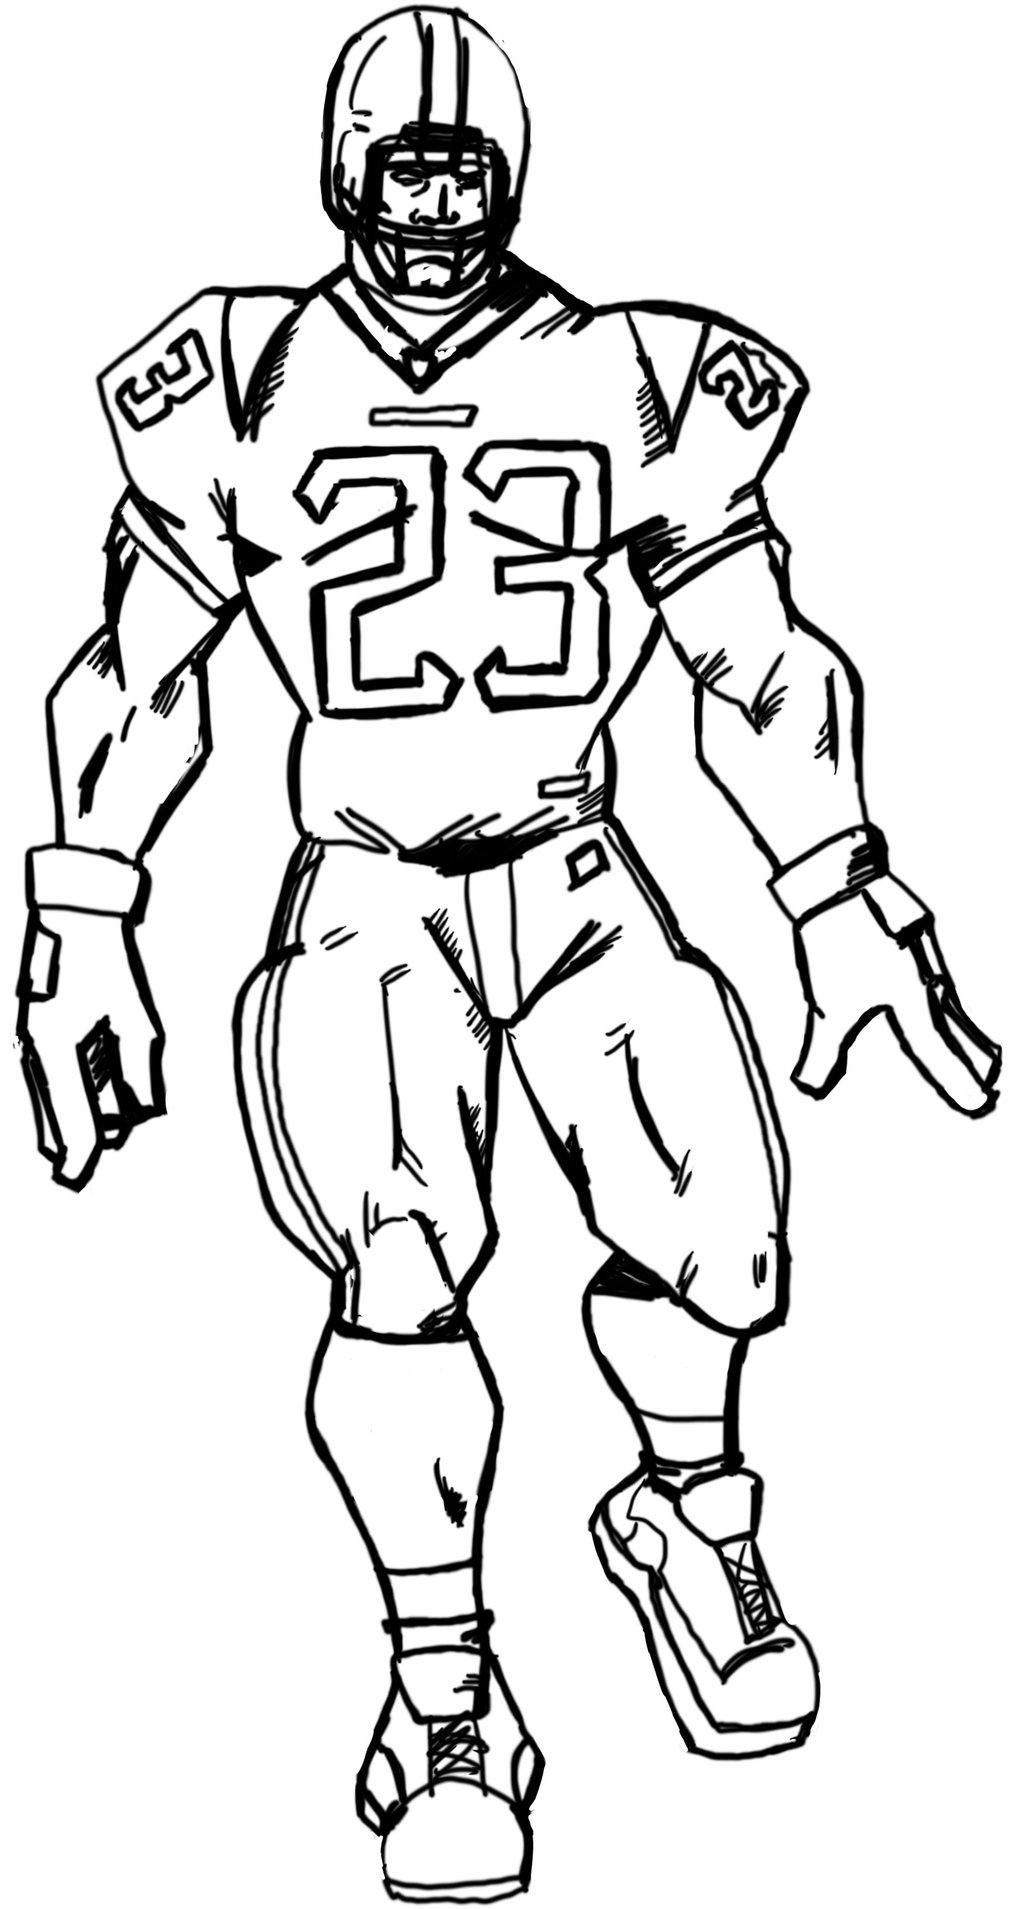 Football Drawing At Getdrawings